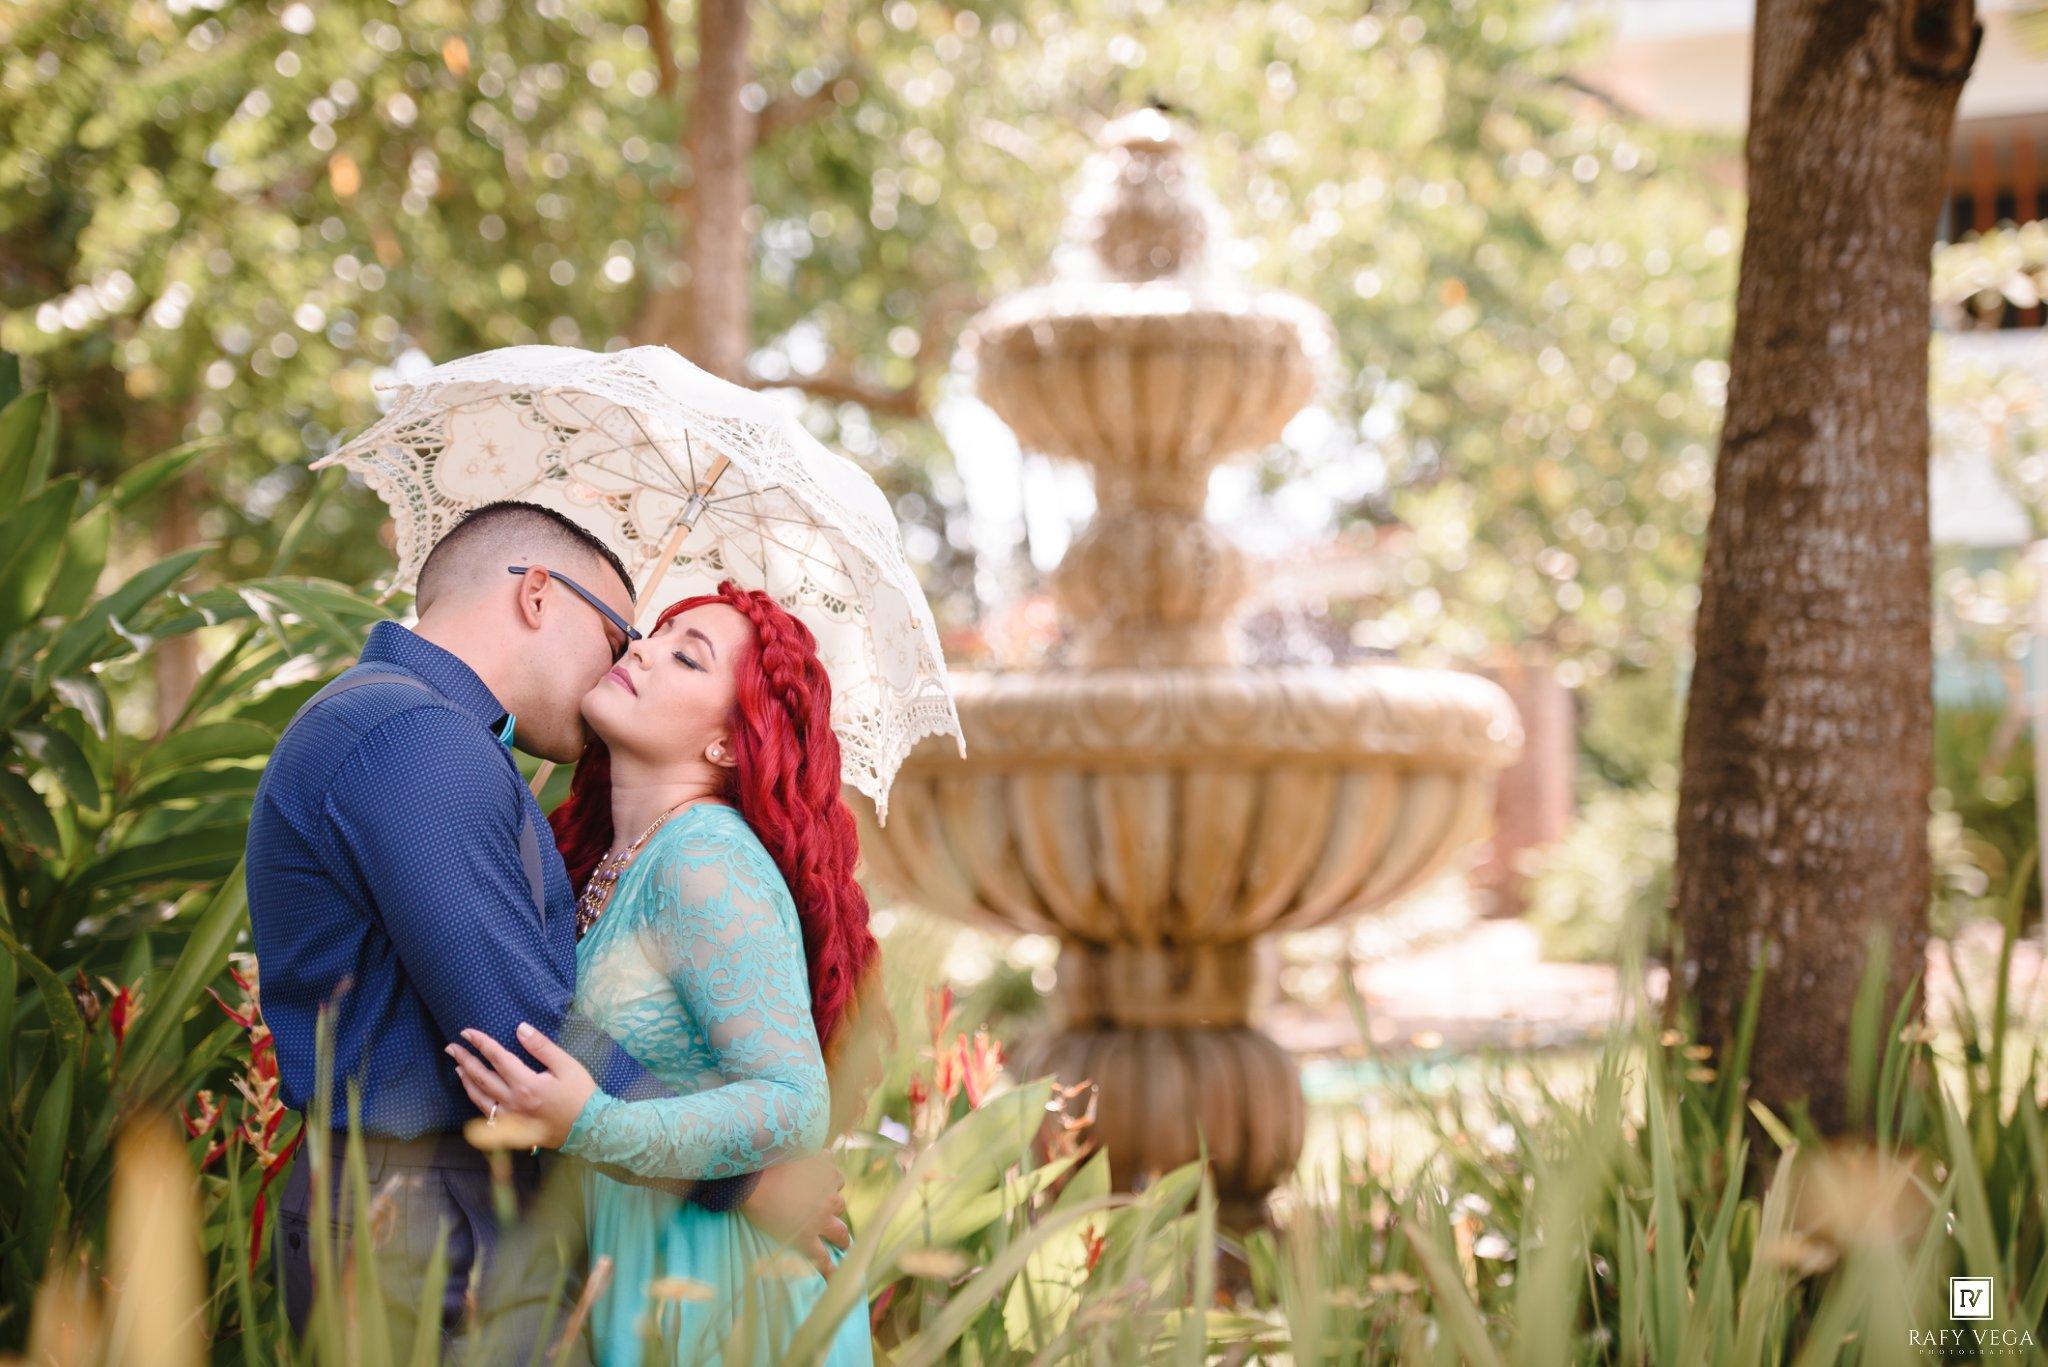 Love story en el jard n bot nico de caguas stephanie jos for Bodas en el jardin botanico de caguas